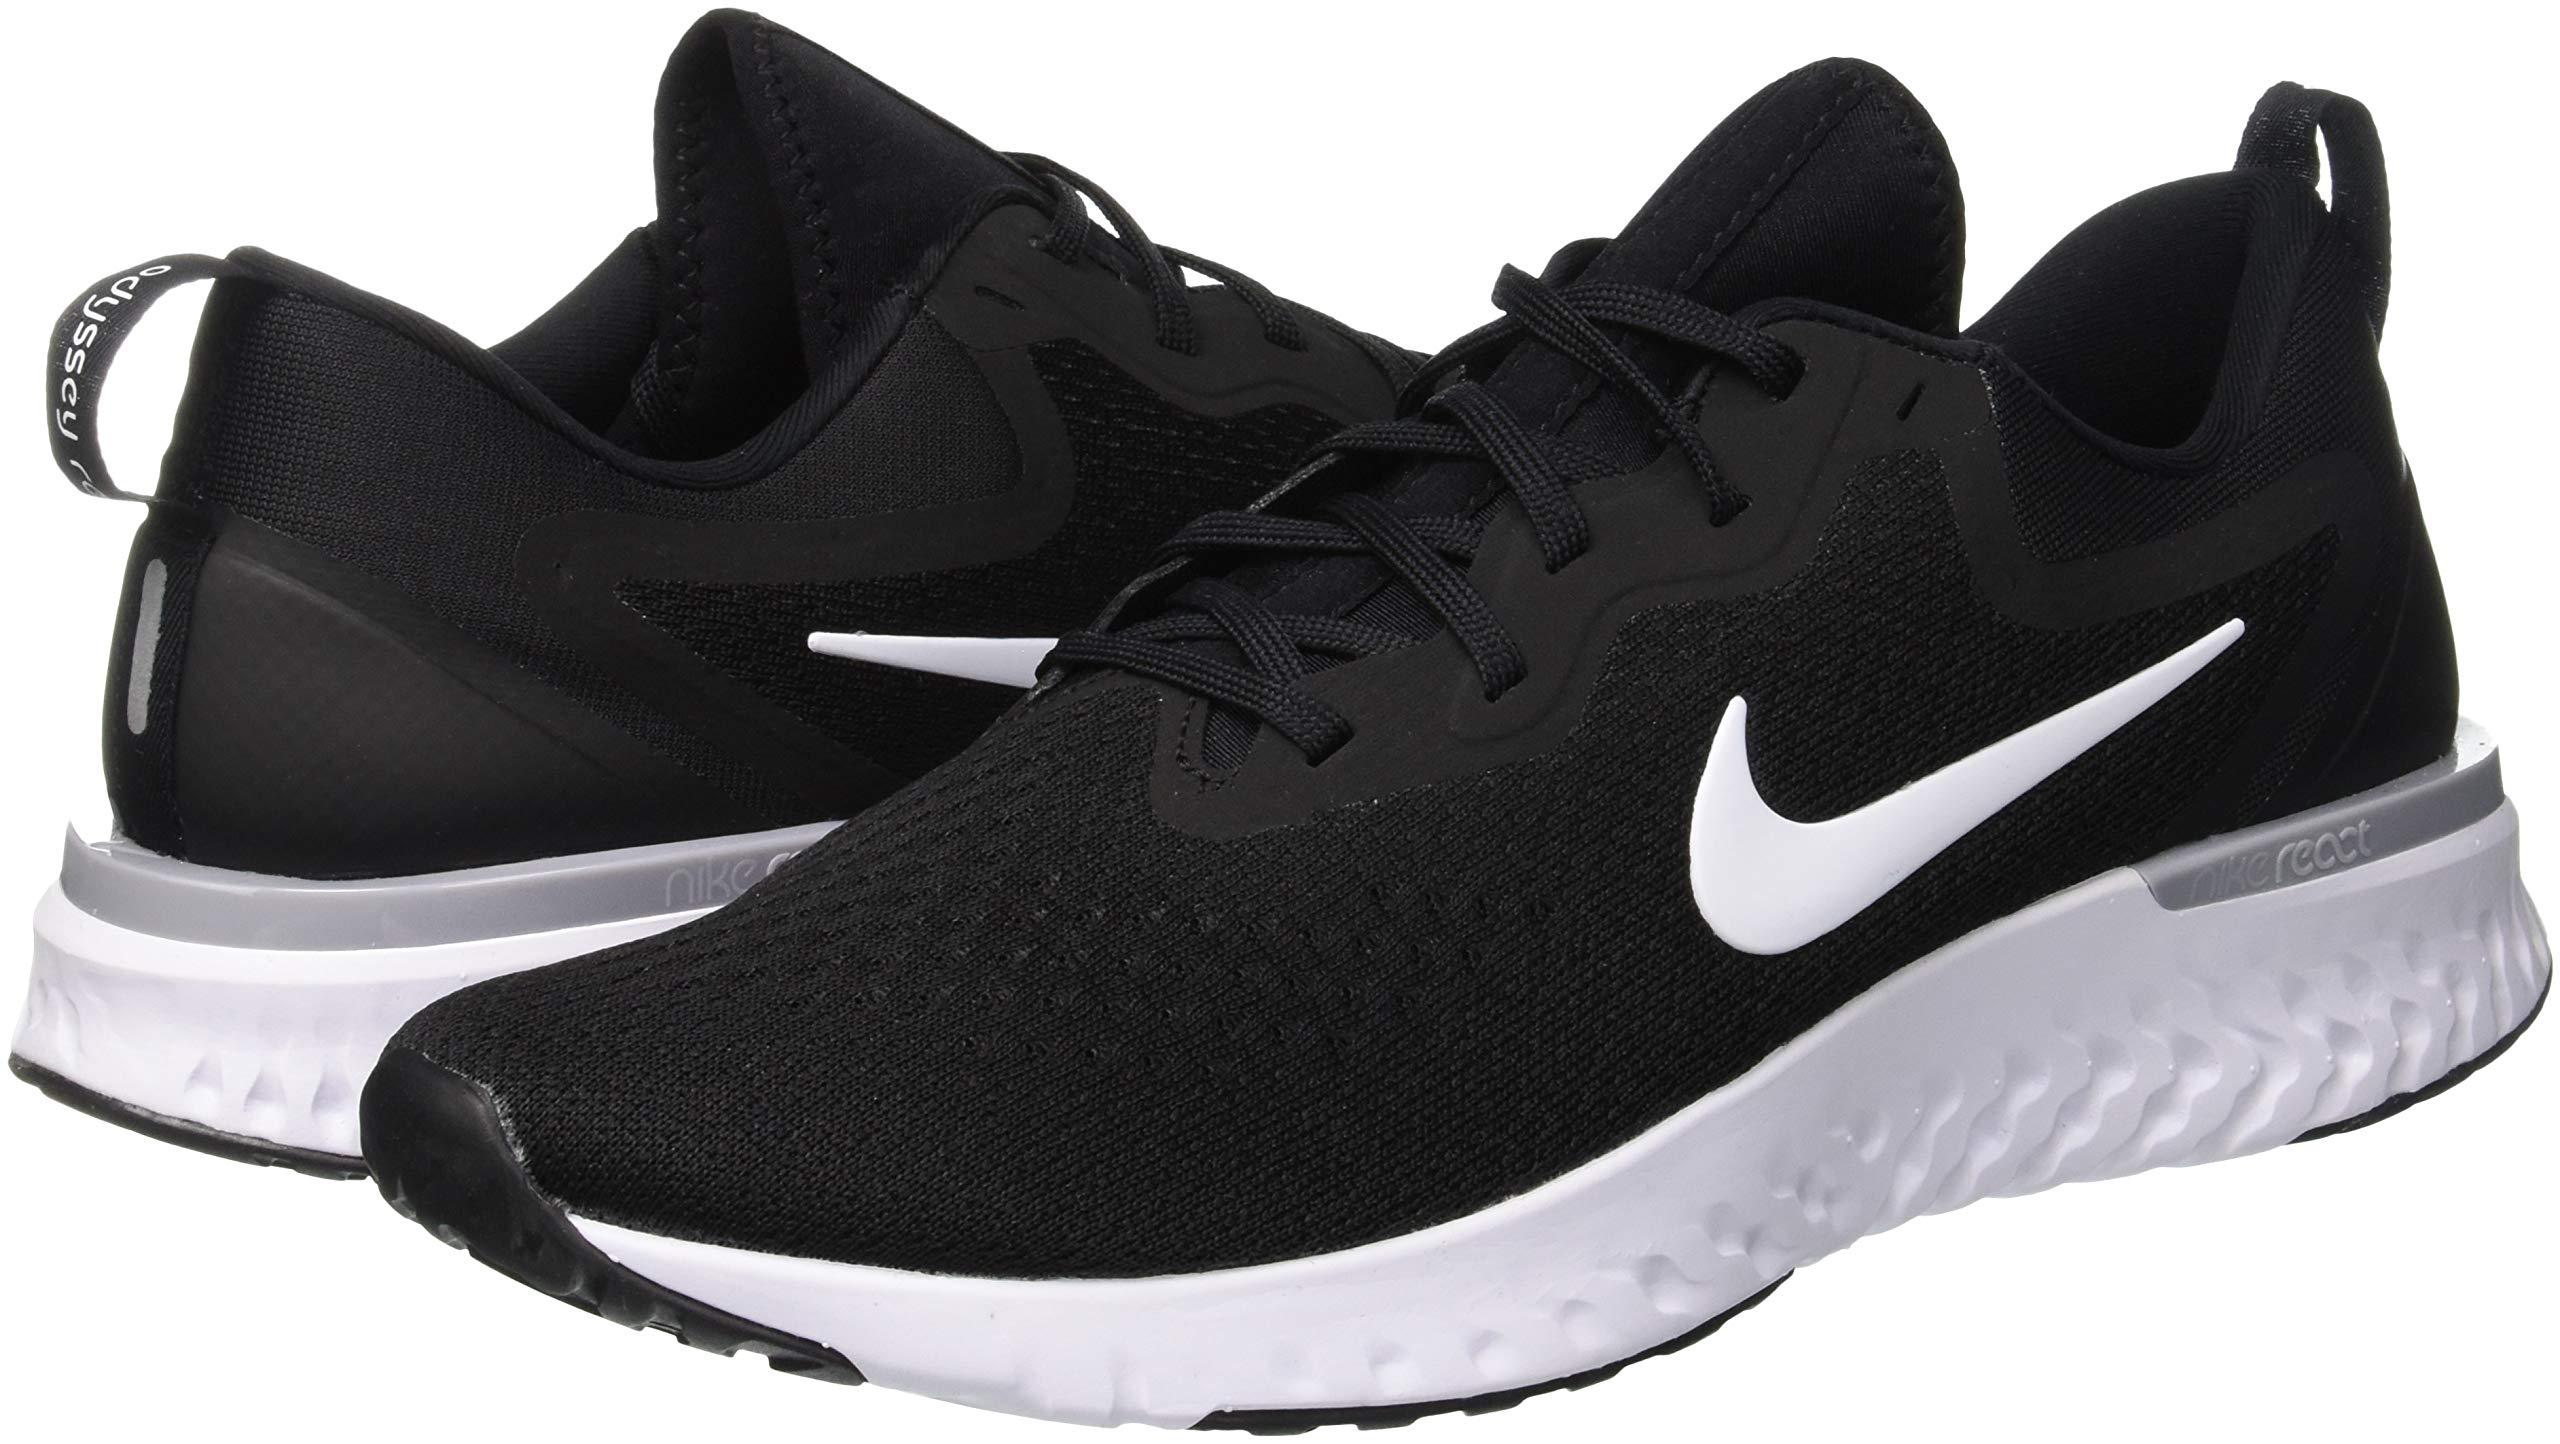 Nike Men's Odyssey React Running Shoe Black/White-Wolf Grey 7.5 by Nike (Image #5)